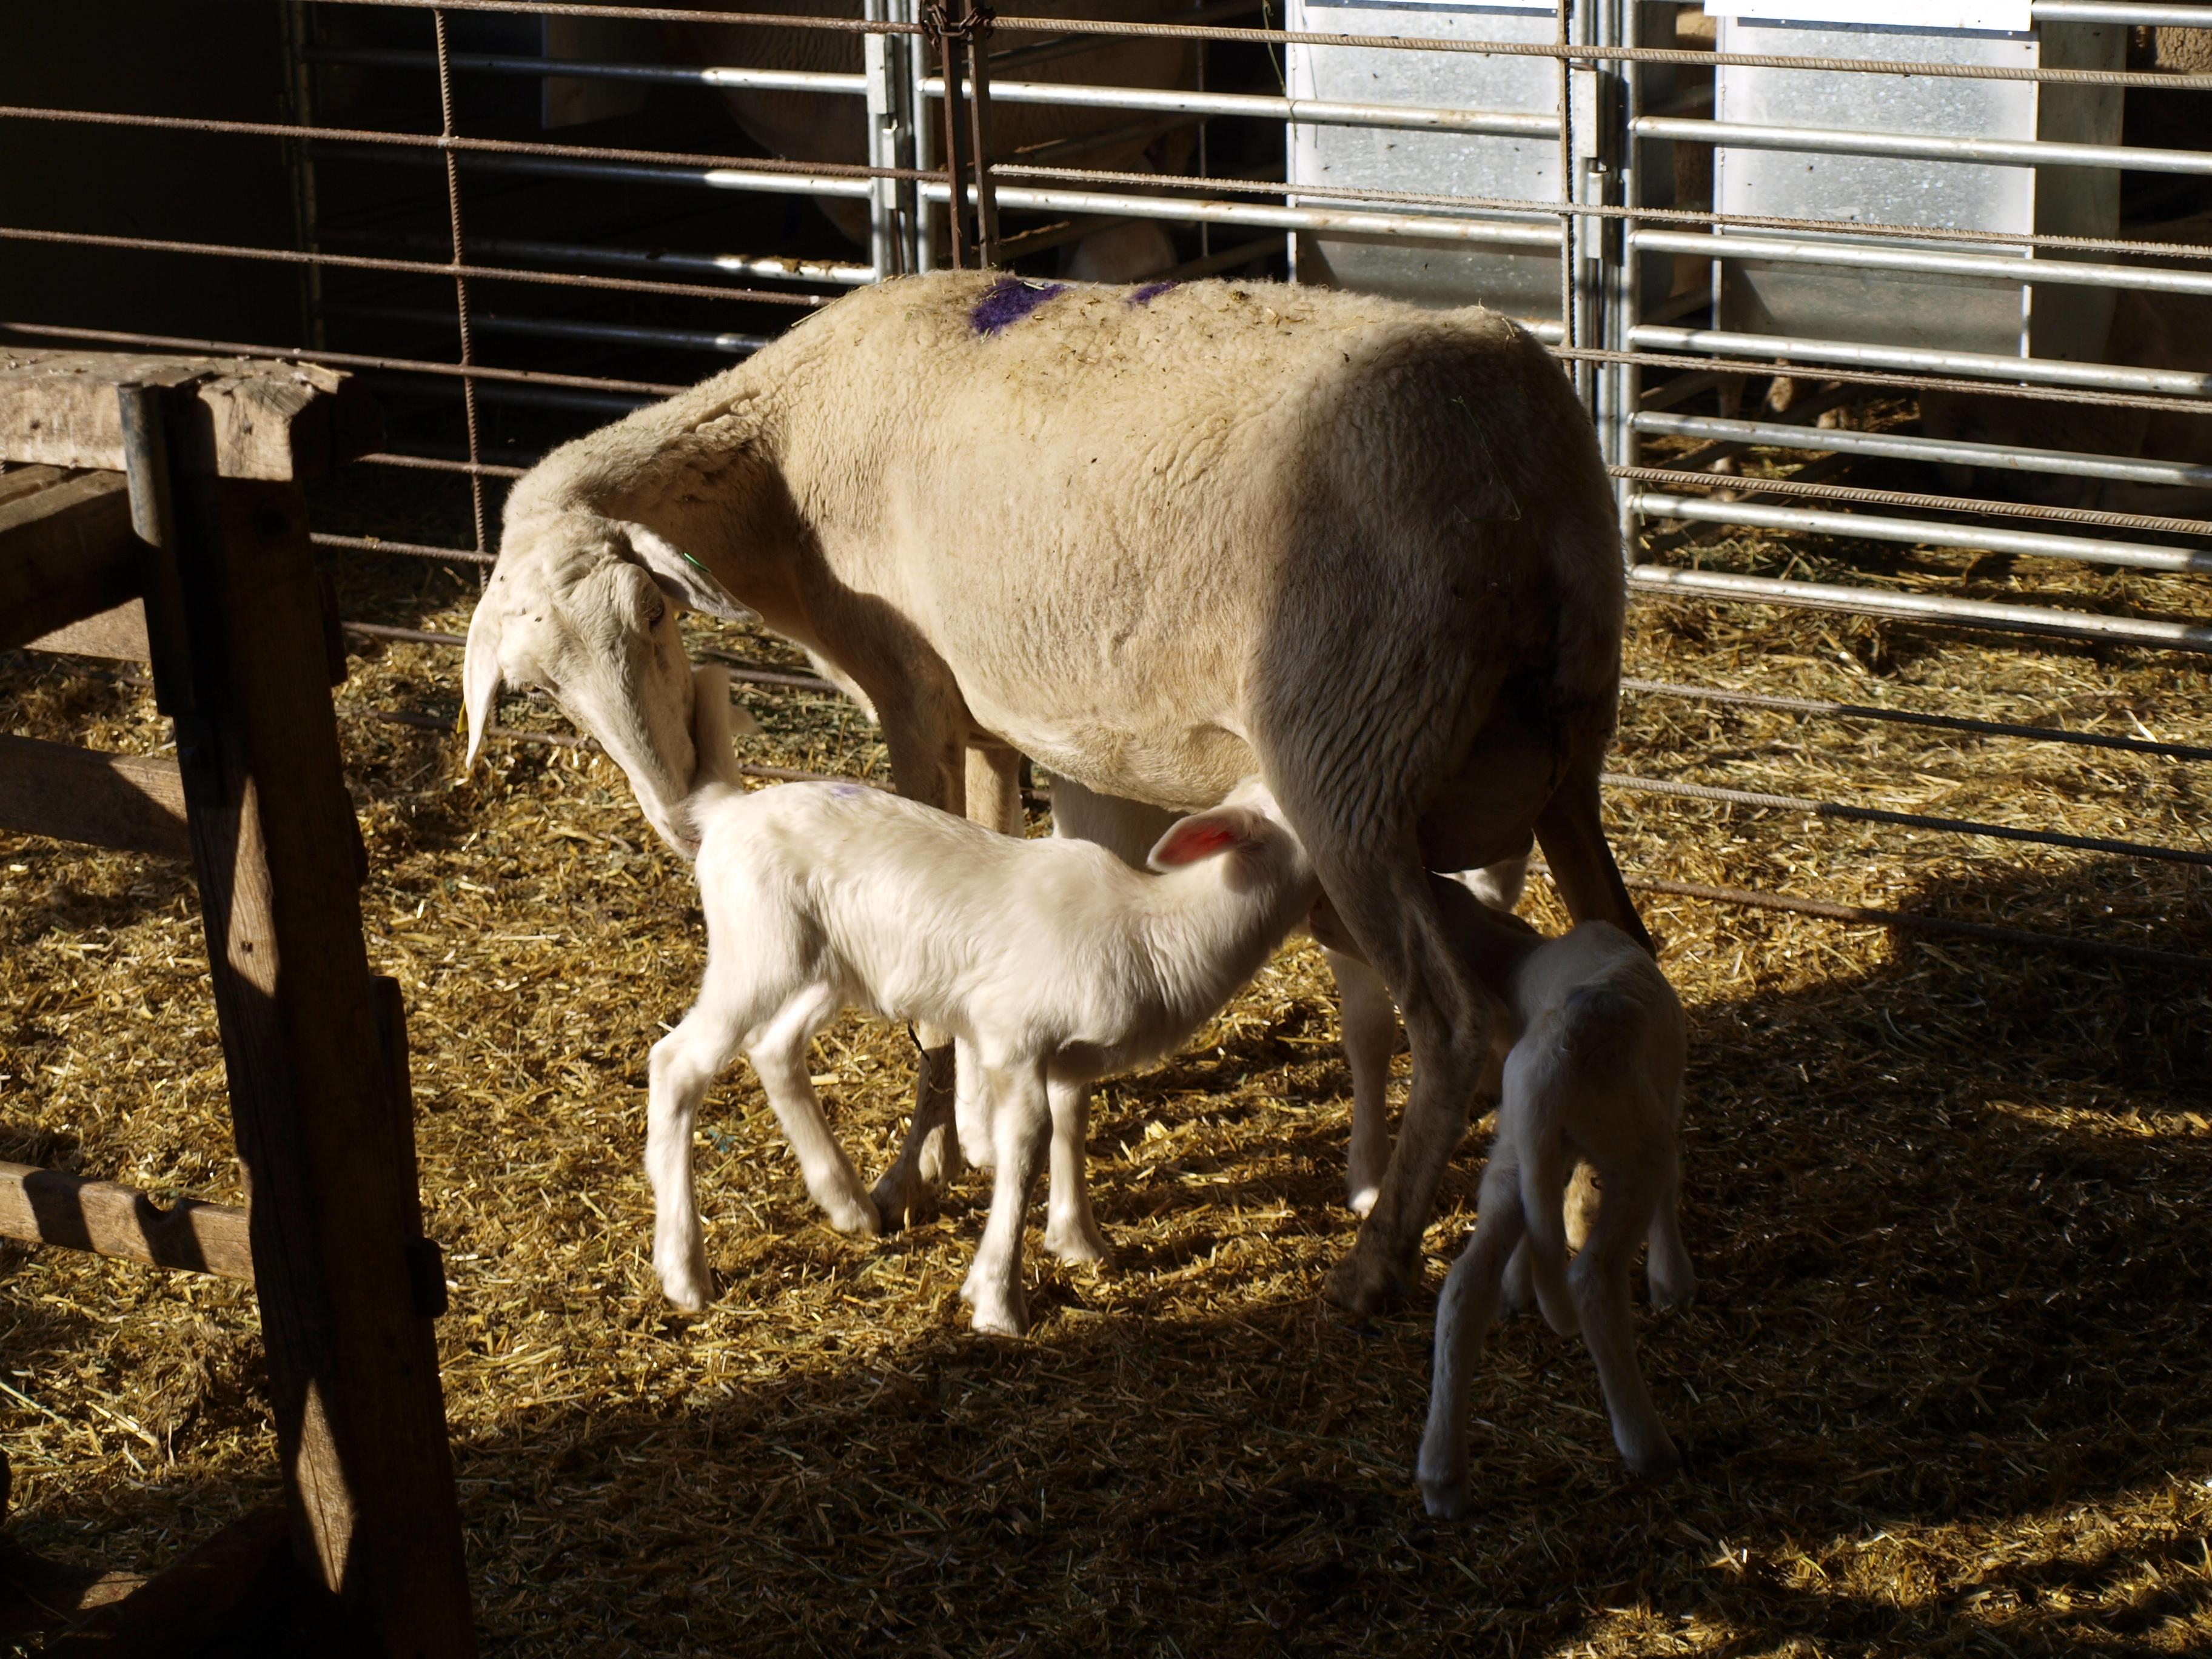 Un trabajo de fin de grado en Veterinaria concluye que los ganaderos de la Asociación Nacional de Criadores de la raza Rasa Aragonesa ANGRA están satisfechos con la utilización de ovejas portadoras del Gen ANGRA Santa Eulalia (GASE).